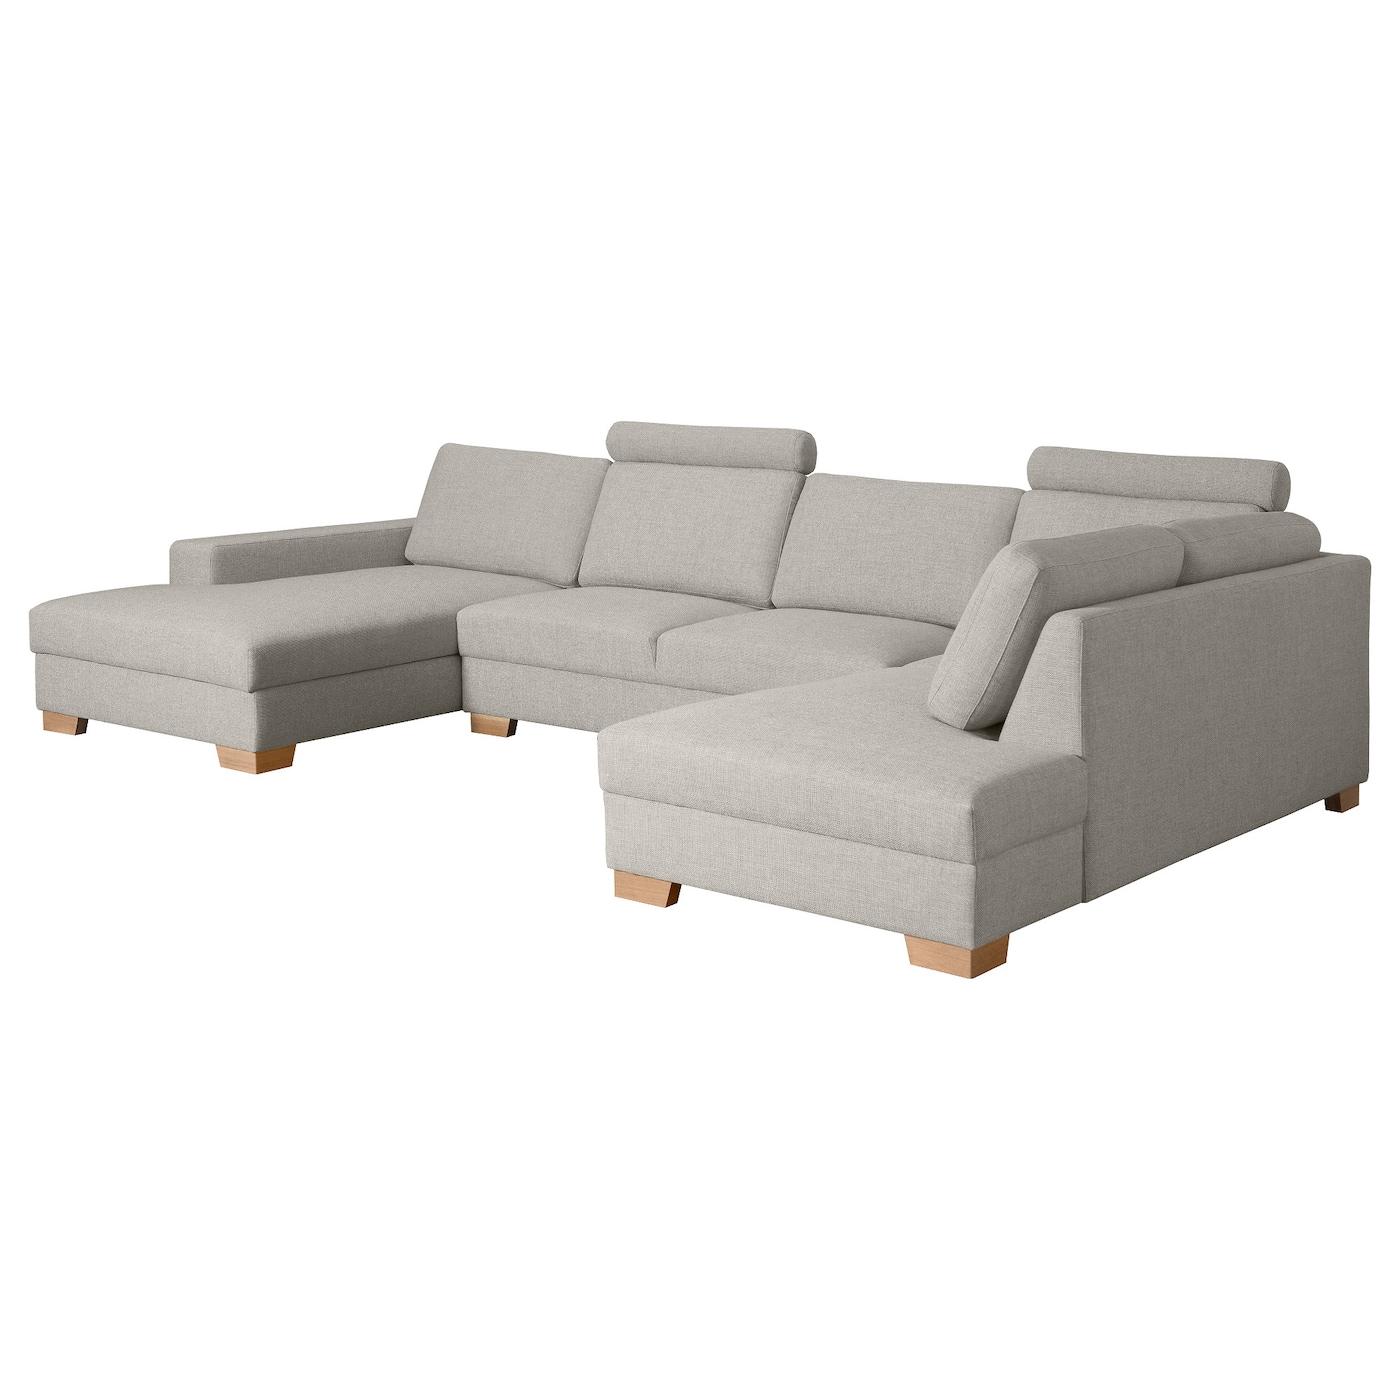 s rvallen canap d 39 angle 4 places avec m ridienne gauche ten gris clair ikea. Black Bedroom Furniture Sets. Home Design Ideas